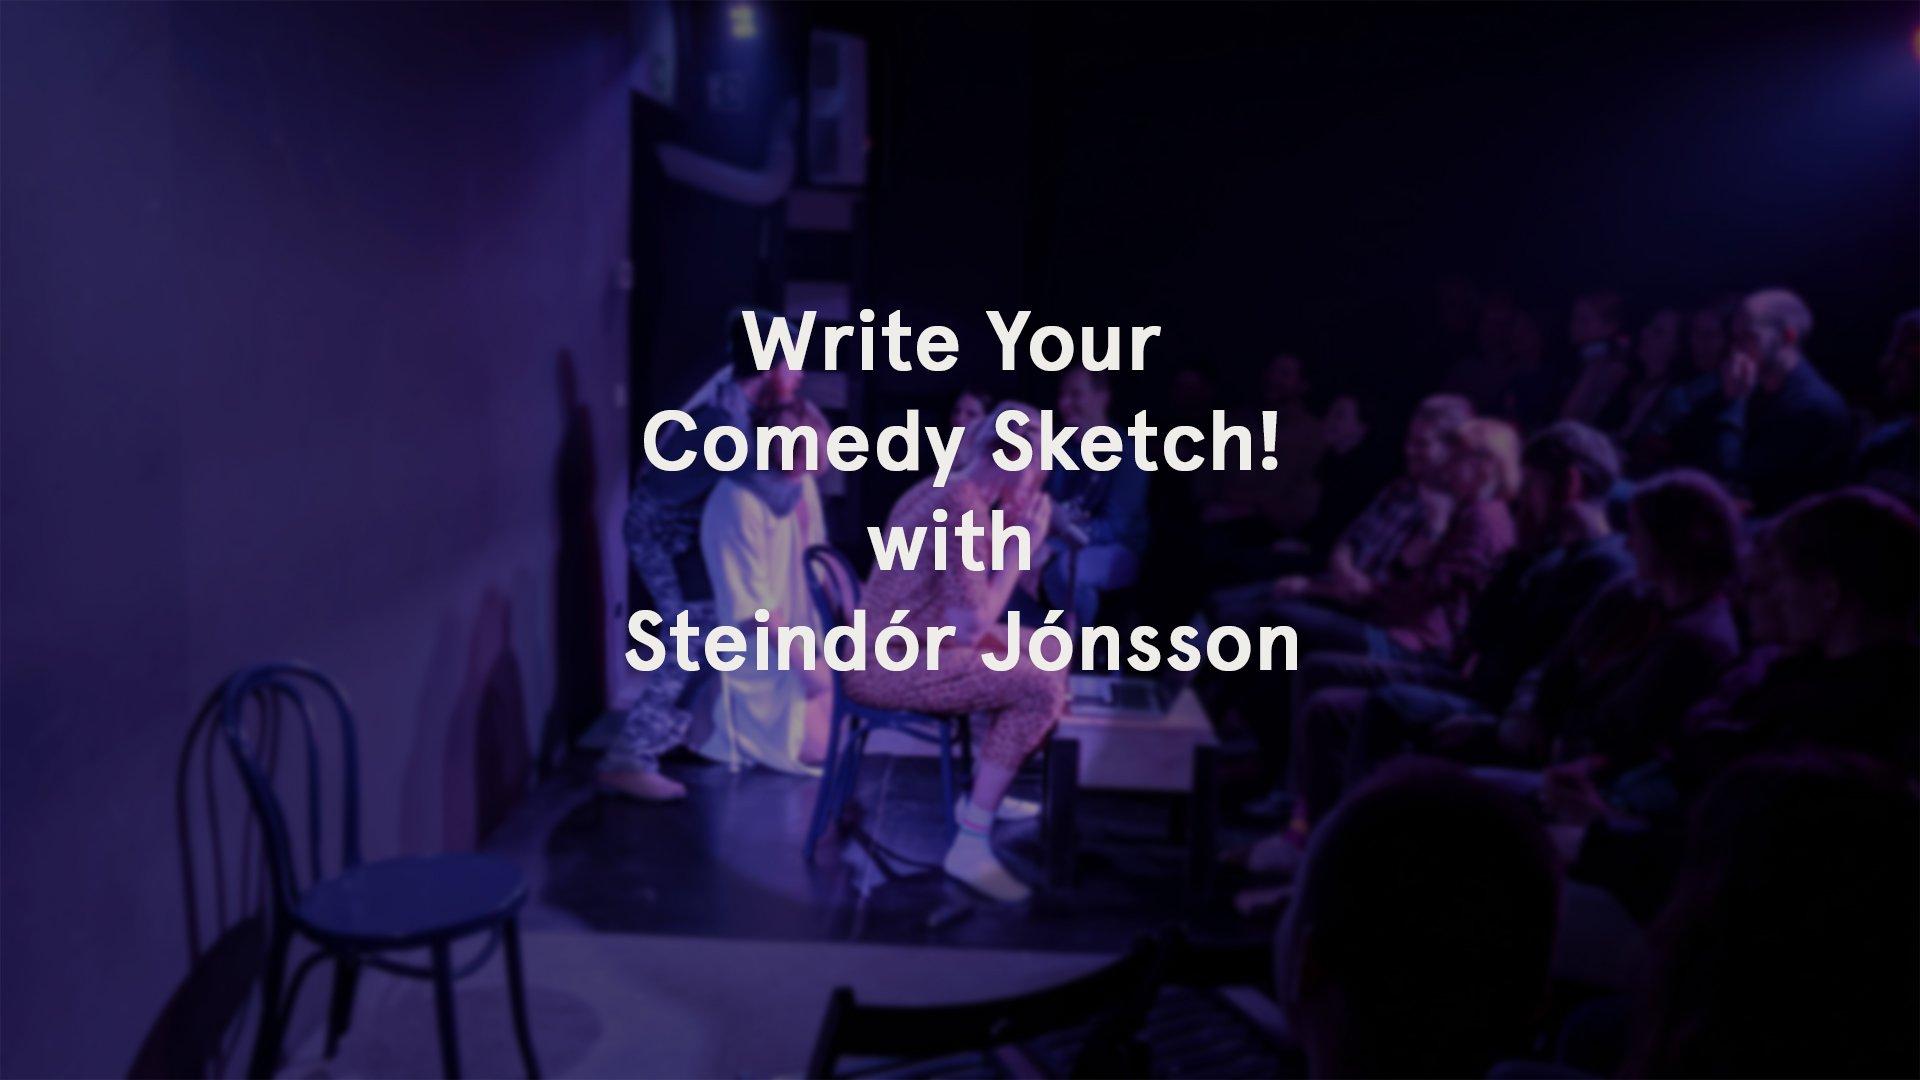 Write Your Comedy Sketch